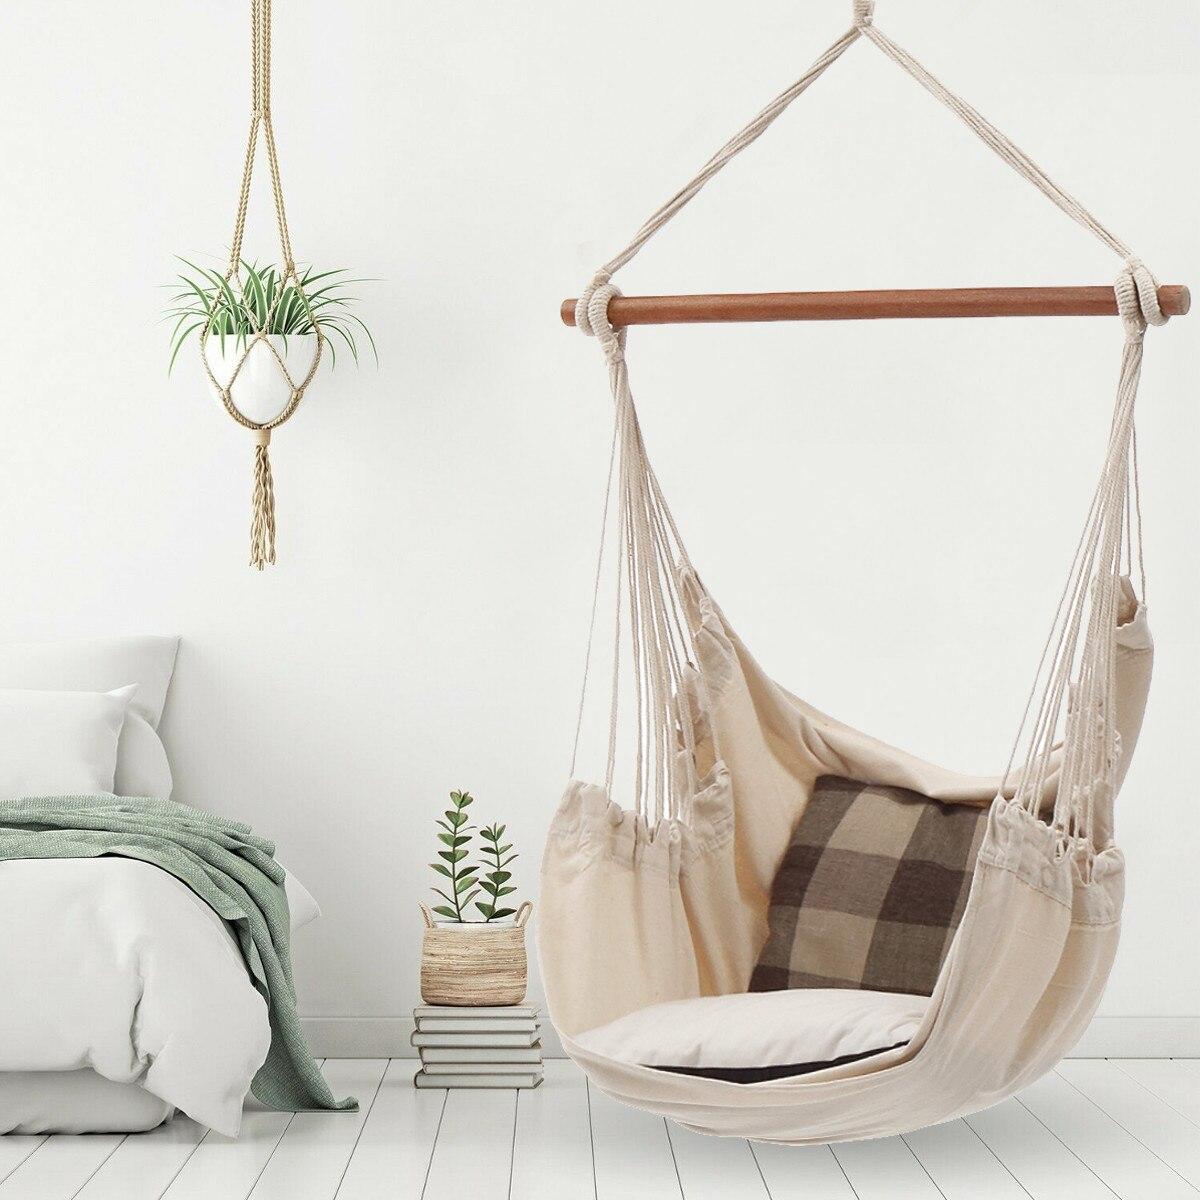 Nordic Stil Weiß Hängematte Outdoor Indoor Garten Schlafsaal Schlafzimmer Hängen Stuhl Für Kind Erwachsene Schwingen Einzel Sicherheit Hängematte